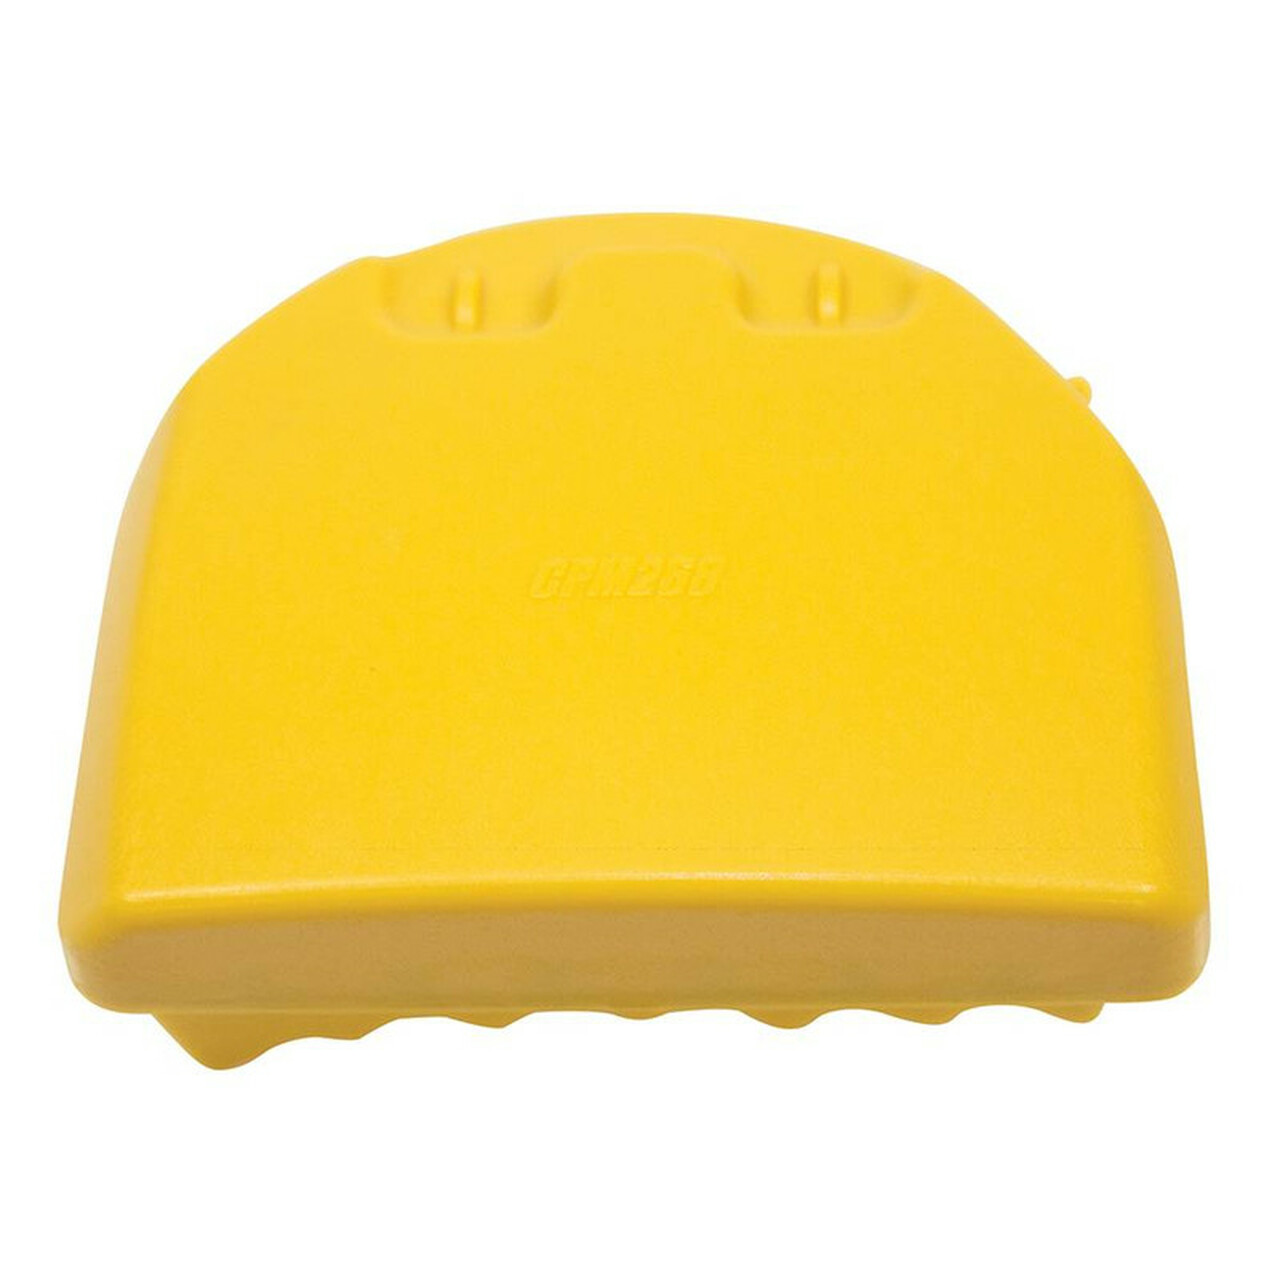 Husqvarna 455, 460 Air Filter Nylon New 537255702